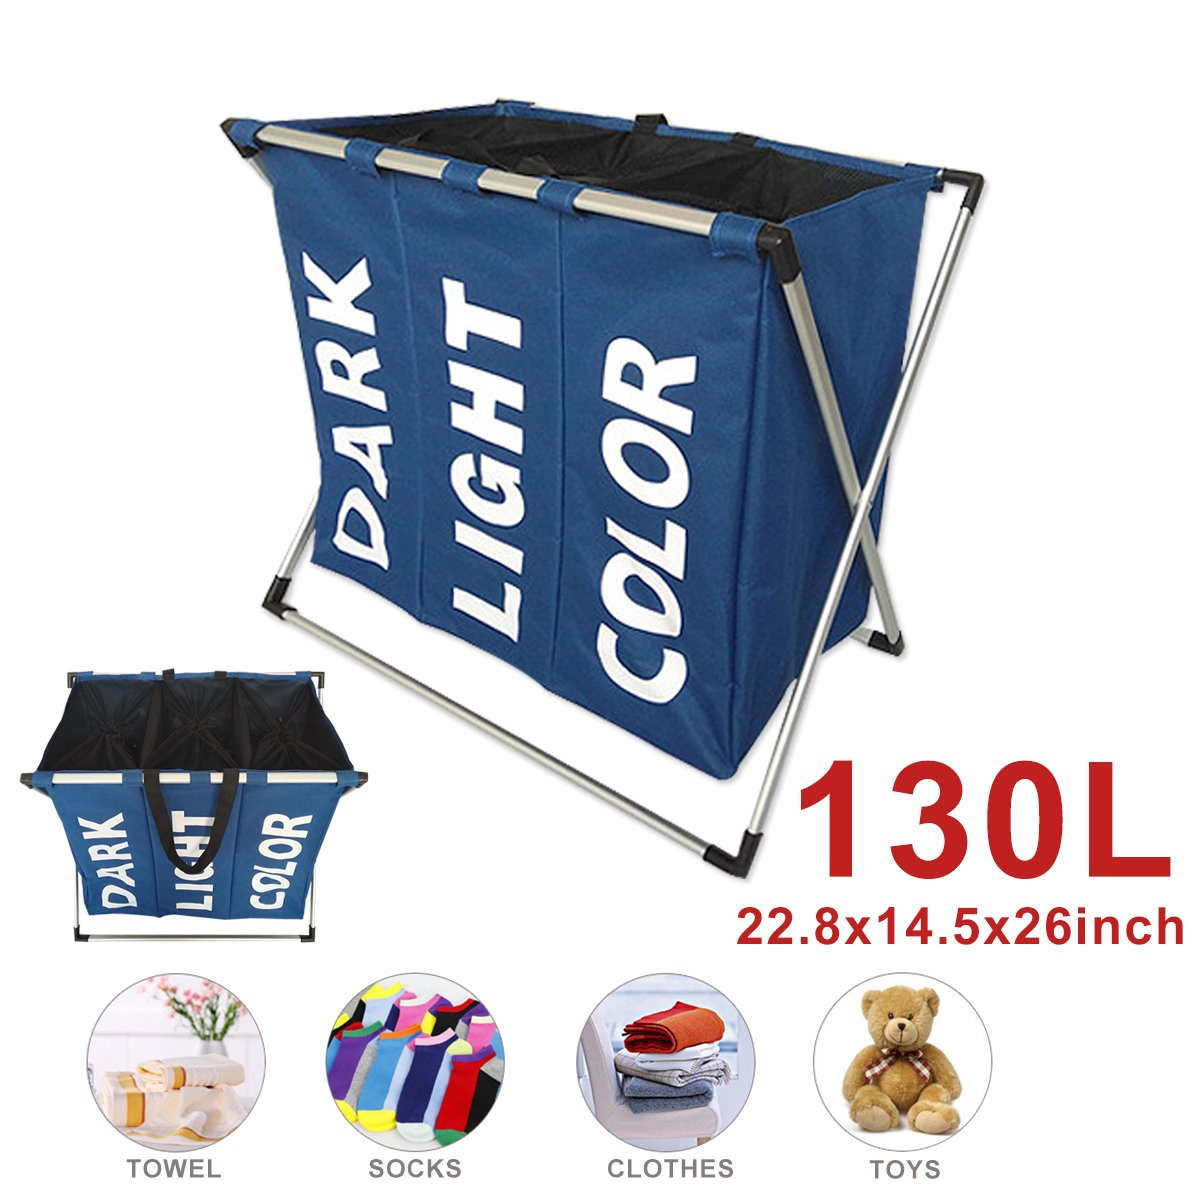 600D Panier à linge Trieuse laver panier à linge Grand sac de rangement pliant Capacité bleue Pour des vêtements / chaussettes / livres / jouets / serviettes etc. CMYKZONE